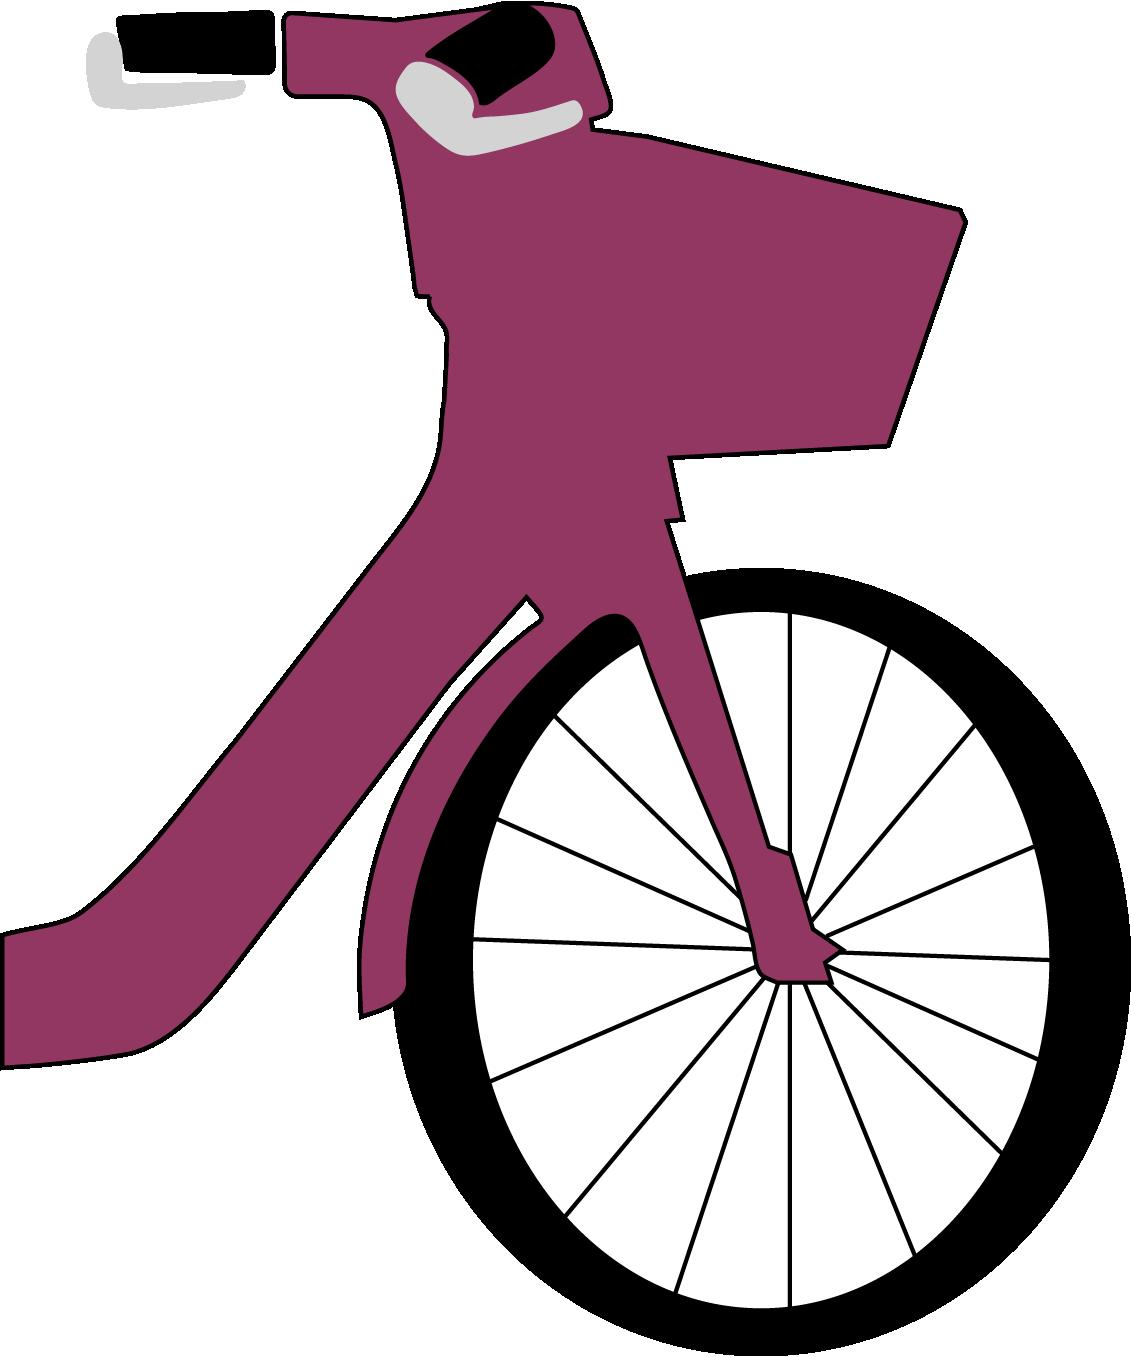 bikeshare to encourage bike commute post-covid